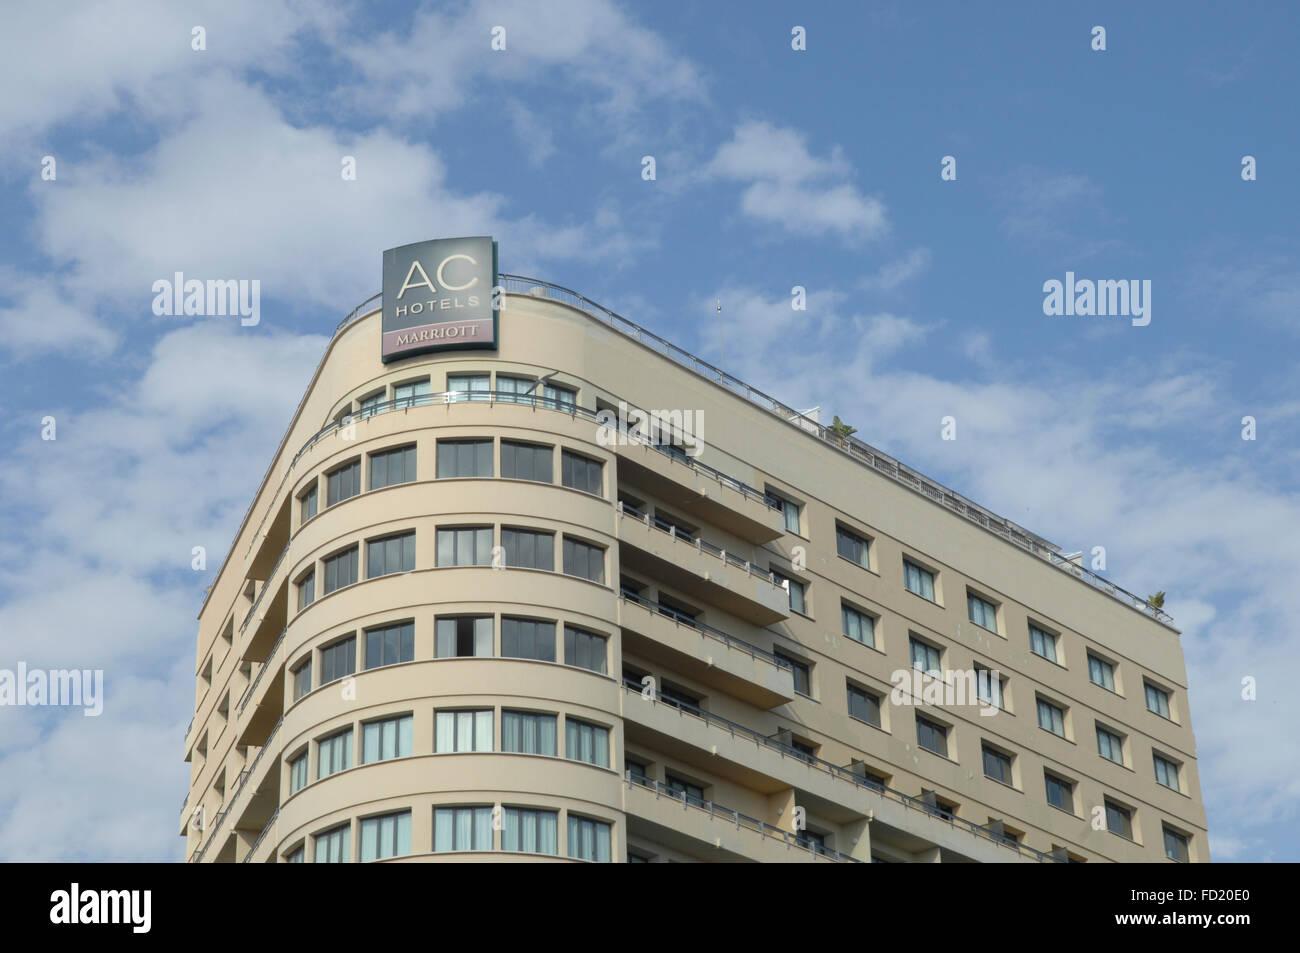 AC Hotel Málaga Palacio Marriott 5 star in central Malaga Spain. - Stock Image